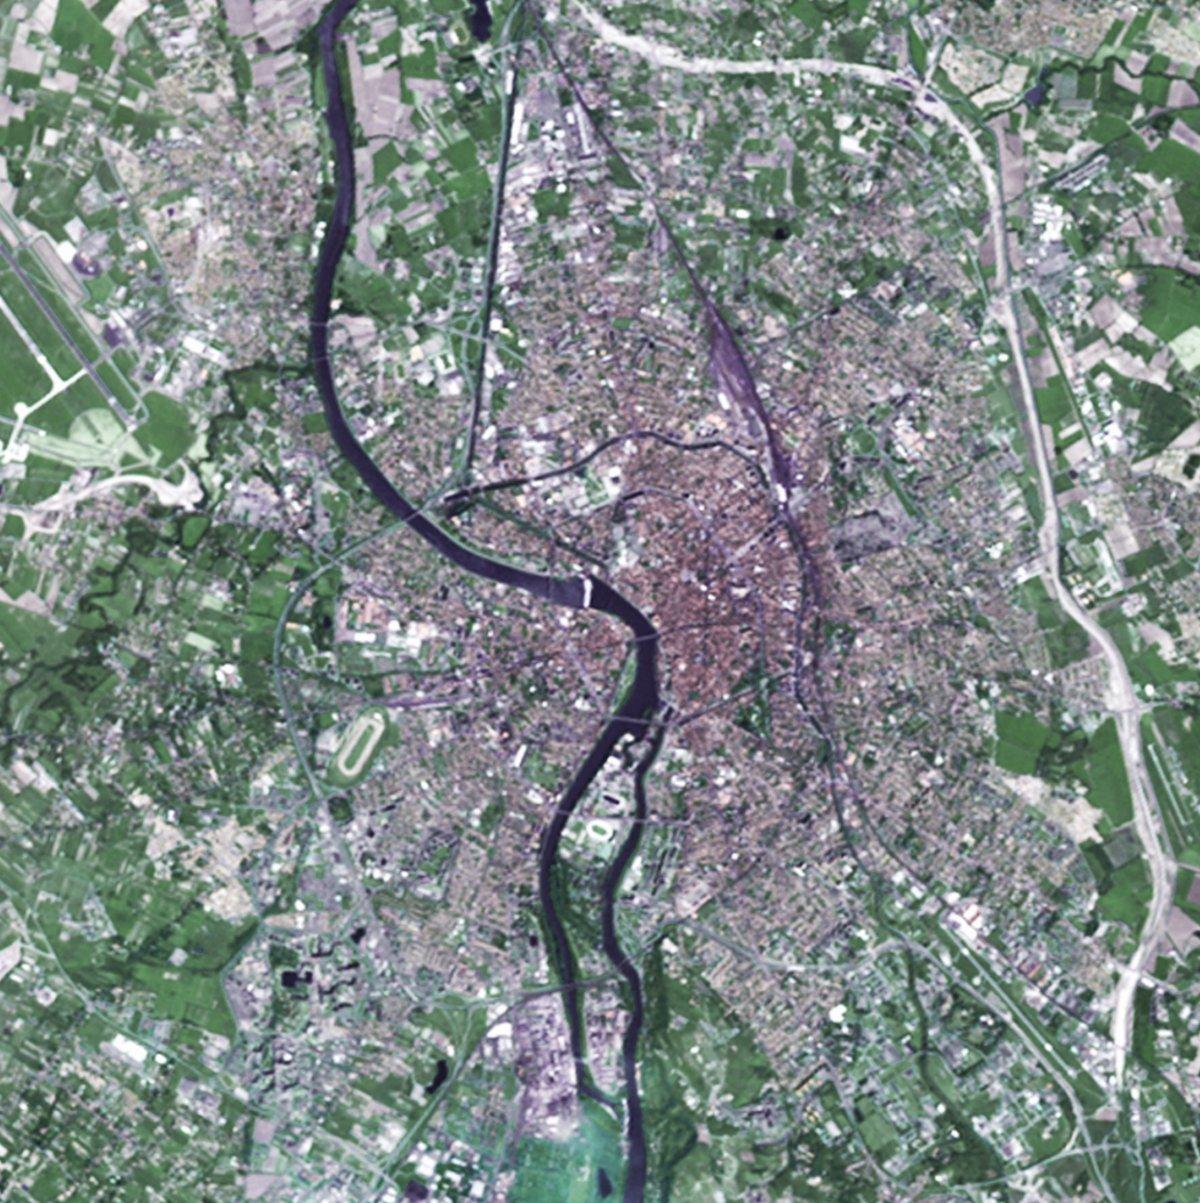 30 ans de SPOT - Toulouse - Ville rose - Capitale européenne du spatial - évolution - Spot 1 - Mai 1986 - CNES - Airbus DS